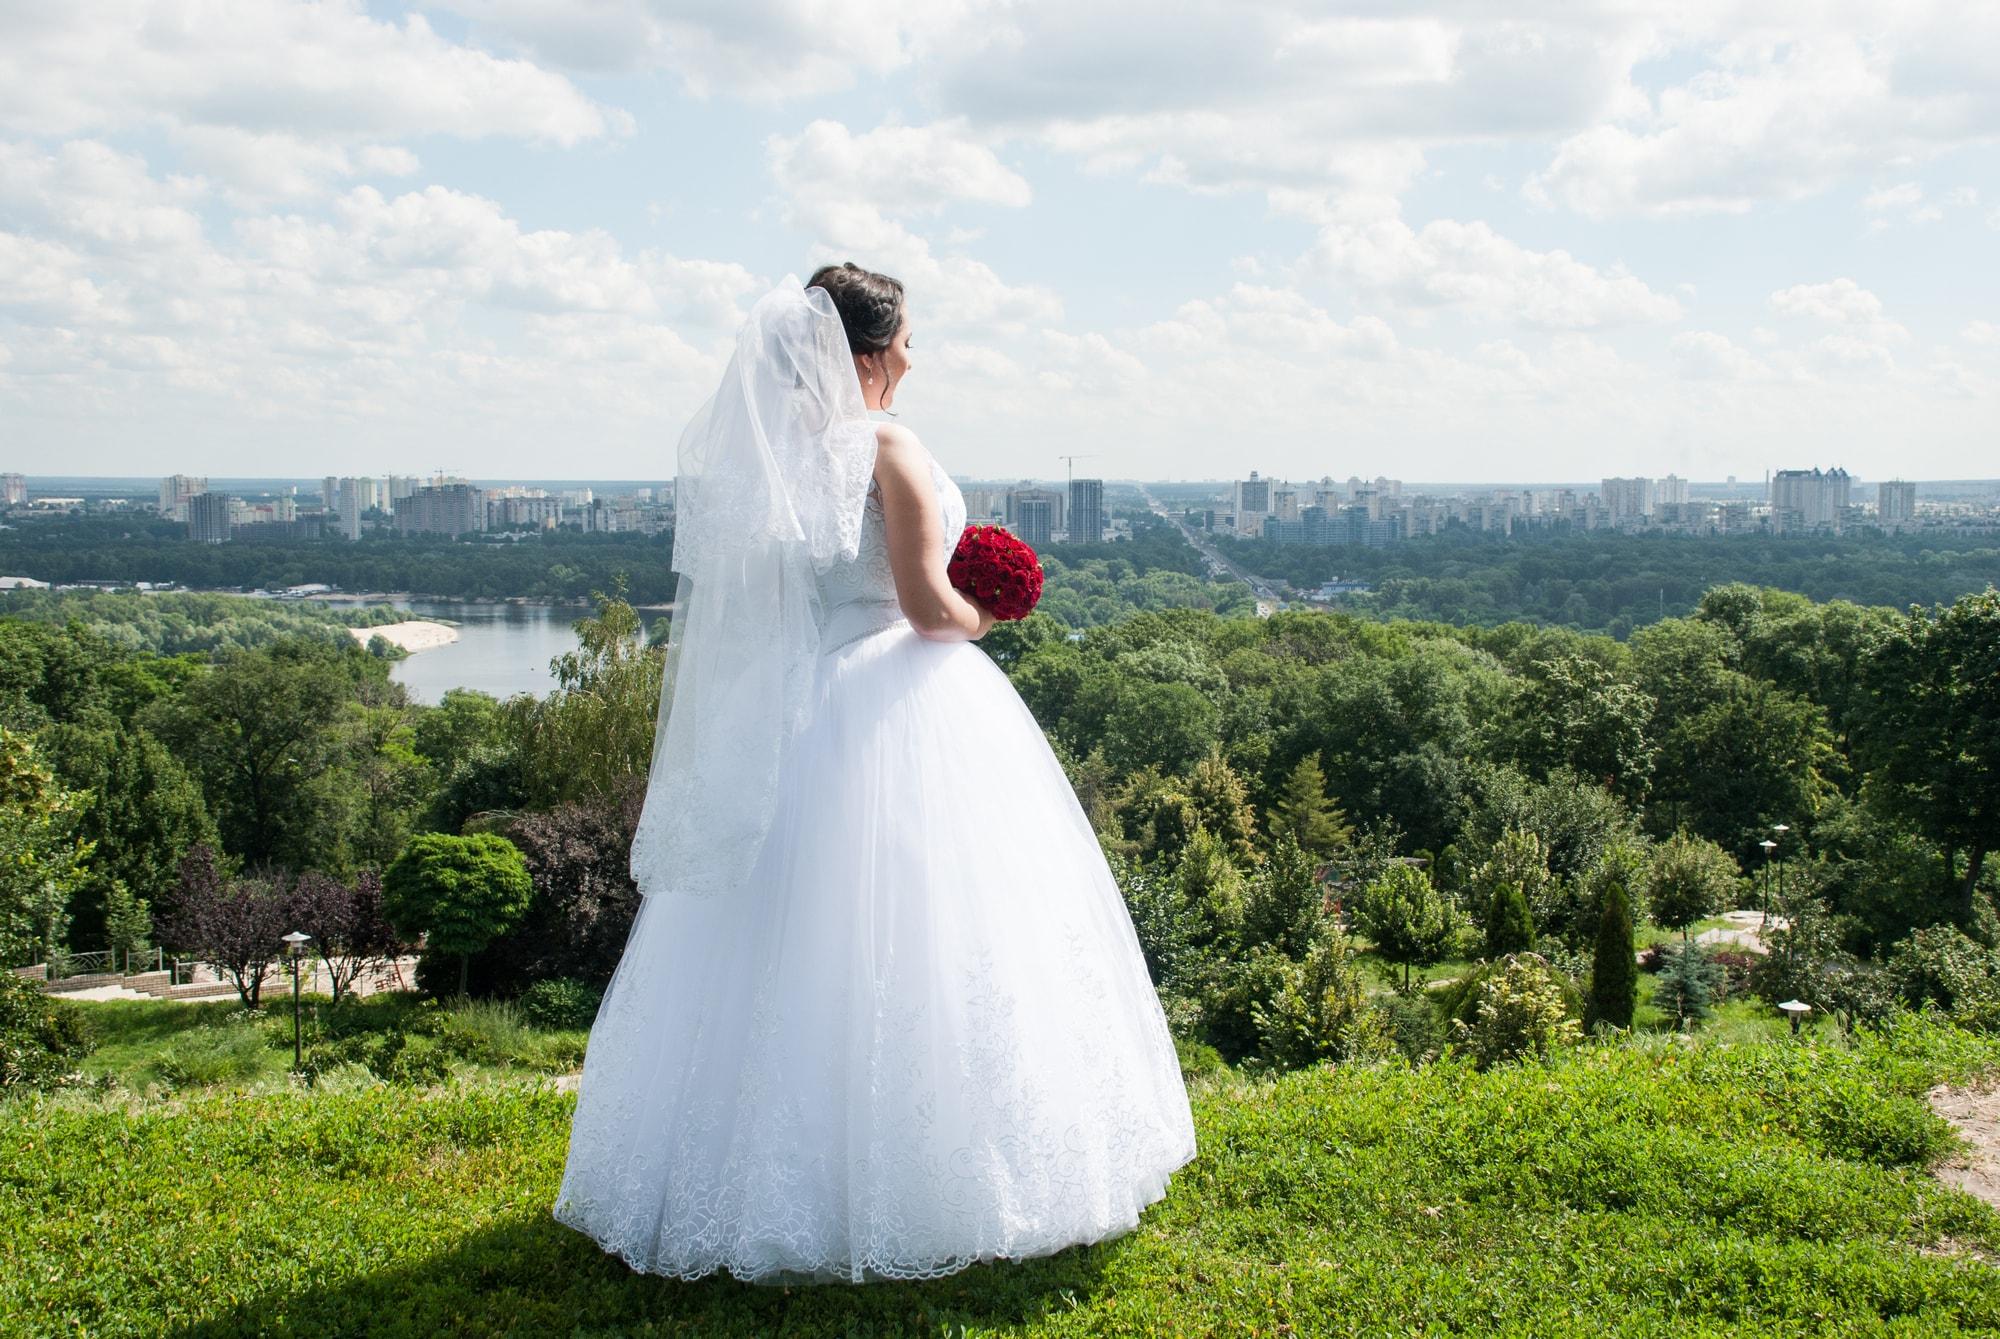 Невеста смотрит вдаль. Киев - Фотограф - Женя Лайт